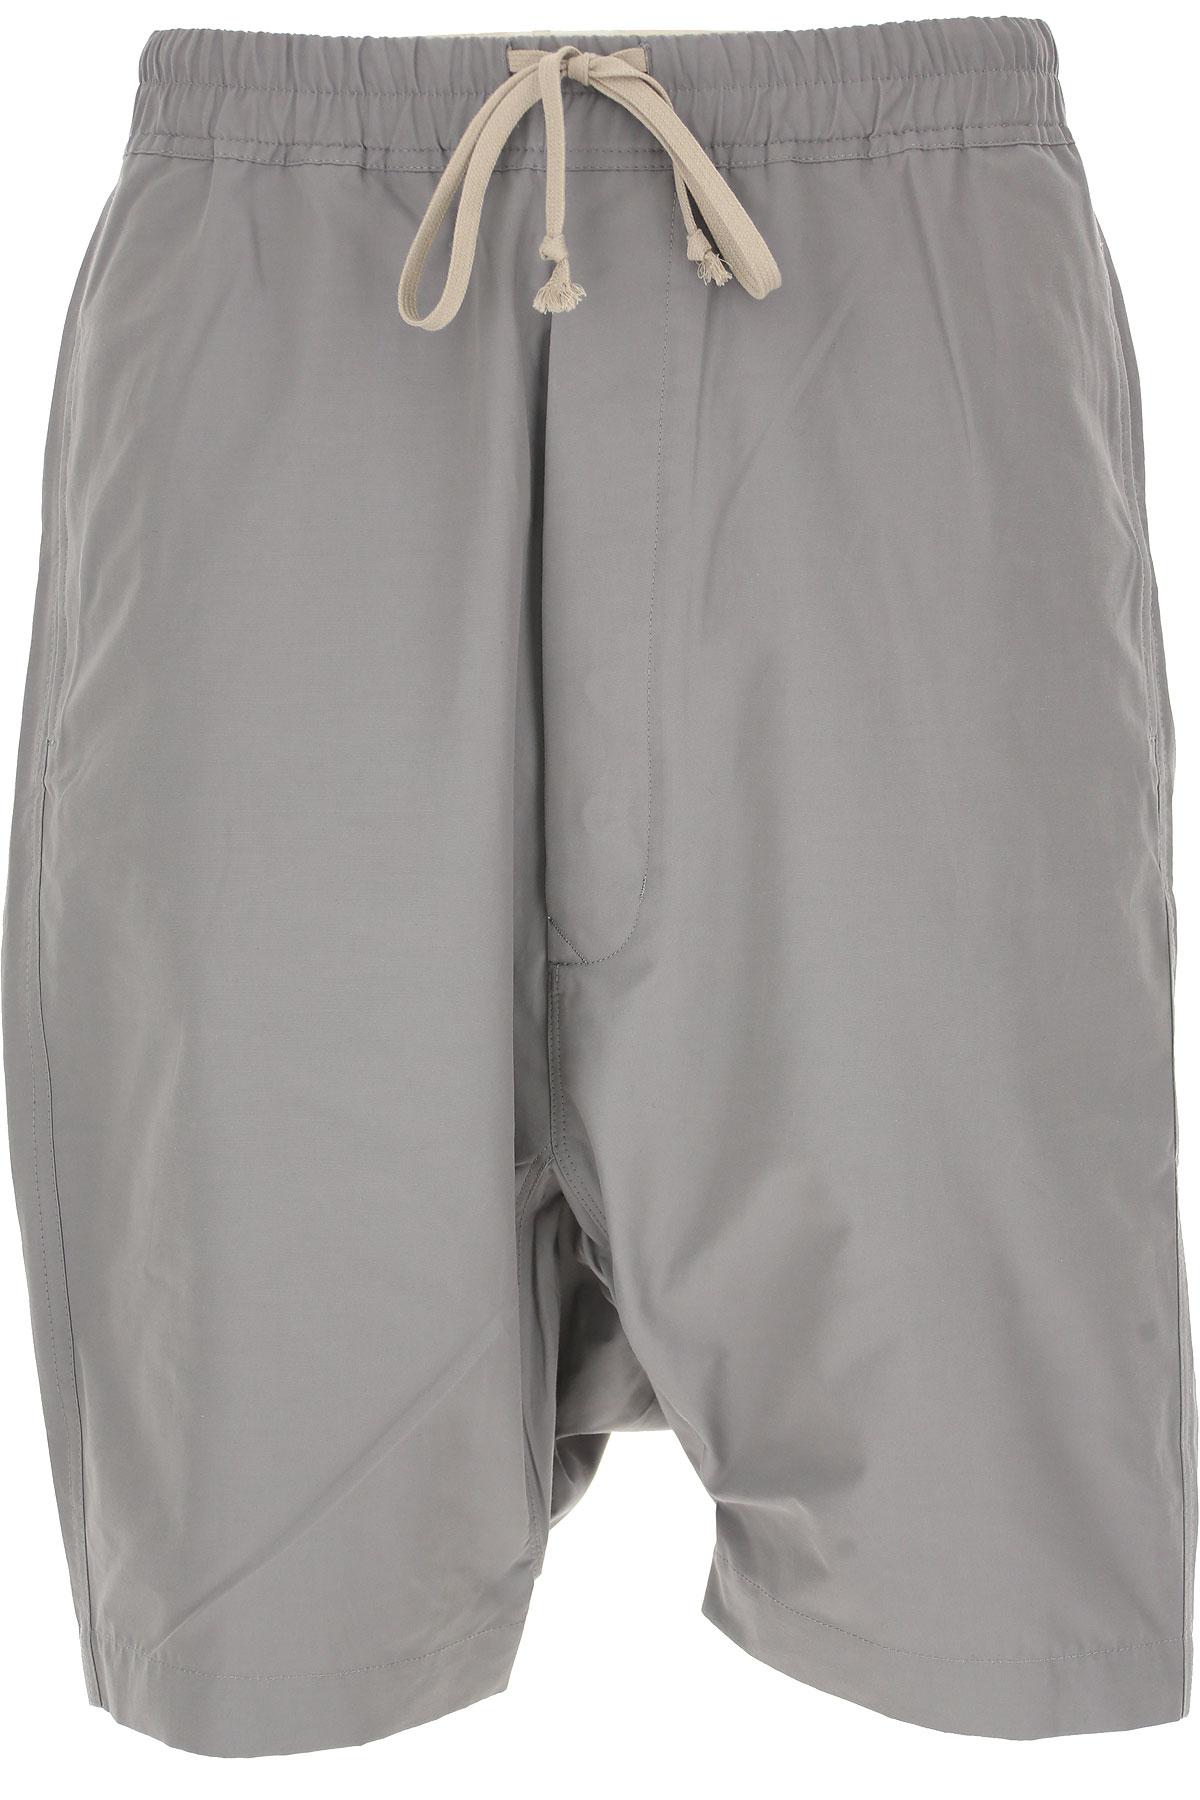 Rick Owens DRKSHDW Pants for Men On Sale in Outlet, Grey, Cotton, 2019, L (EU 50) M (EU 48)